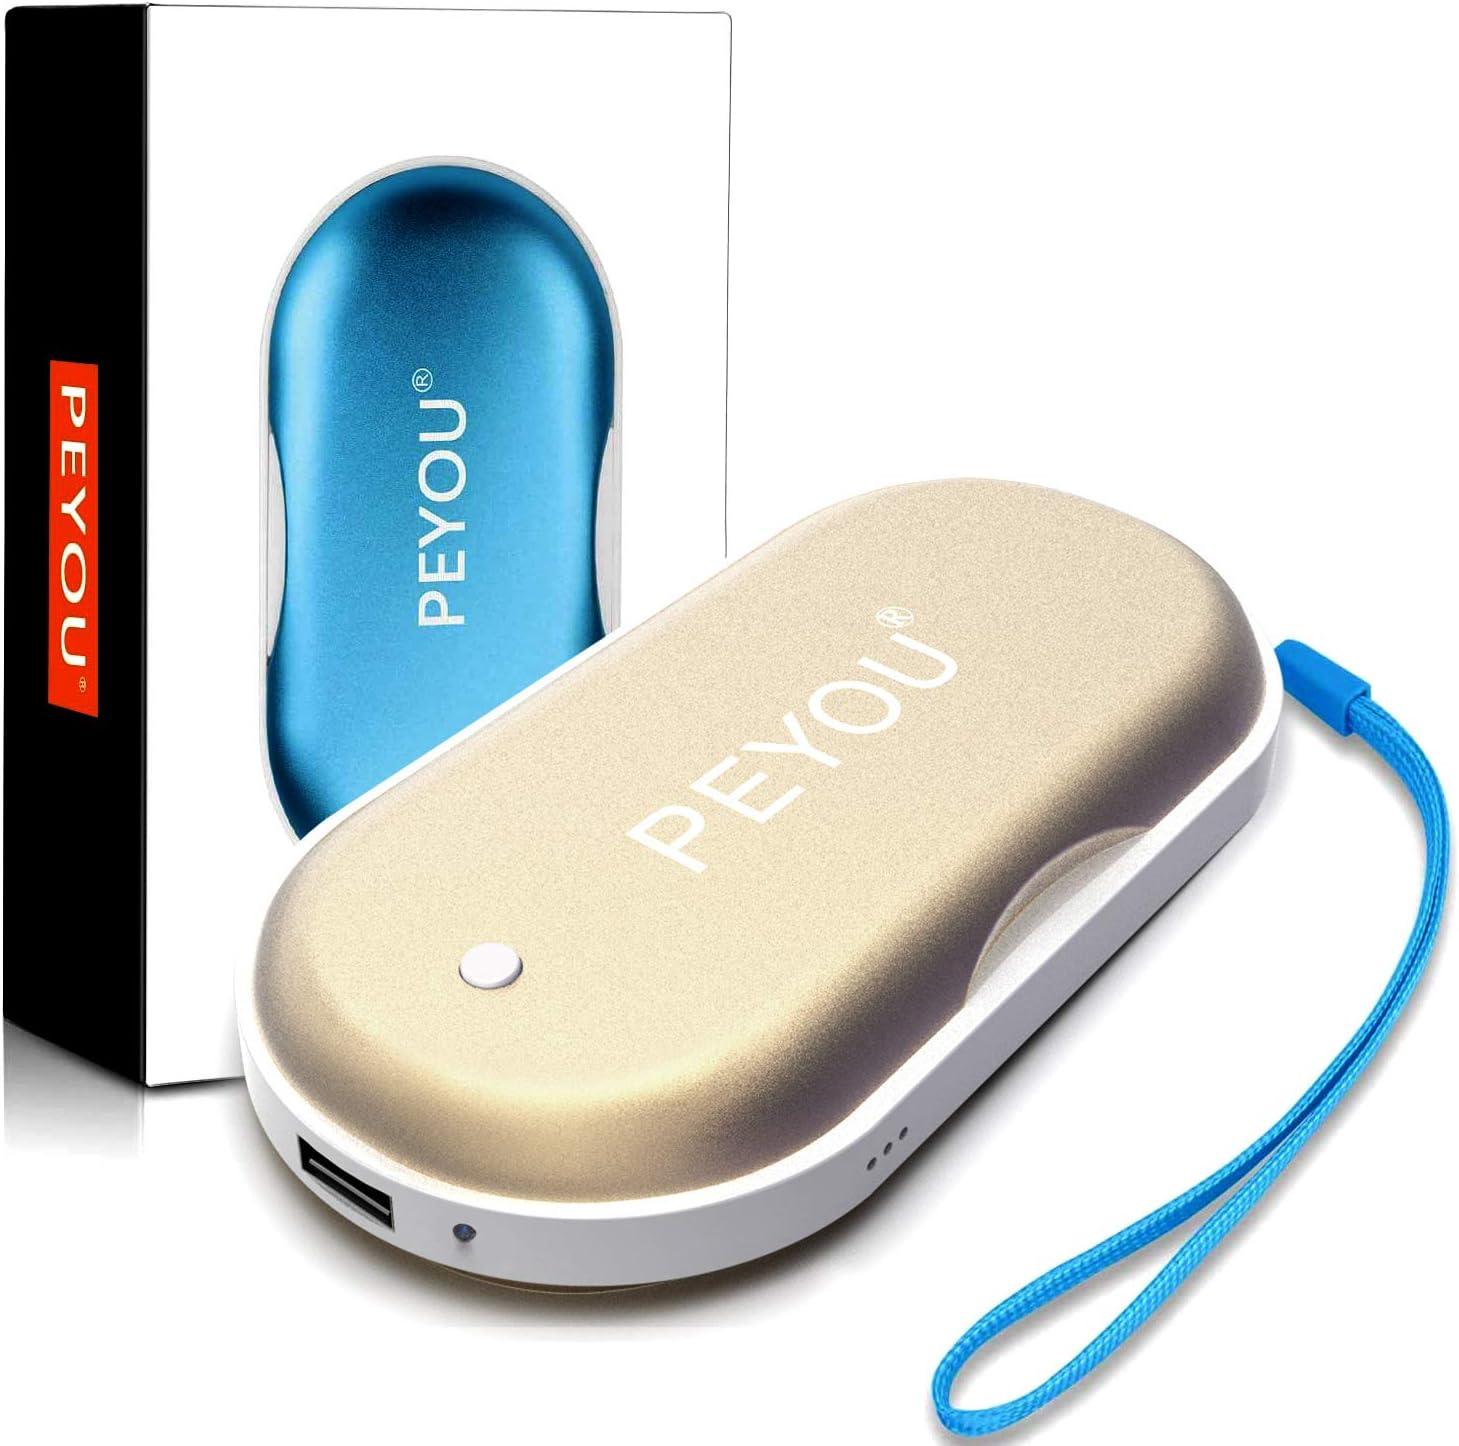 10000mAh Batterie Externe avec Lampe de Poche Chaufferette Main USB pour Ski Randonnée Camping Cadeaux etc Chauffe-Mains Reutilisable Rechargeable BigBlue Chaufferette Main Electrique 3 en 1 Noir HT-LB902